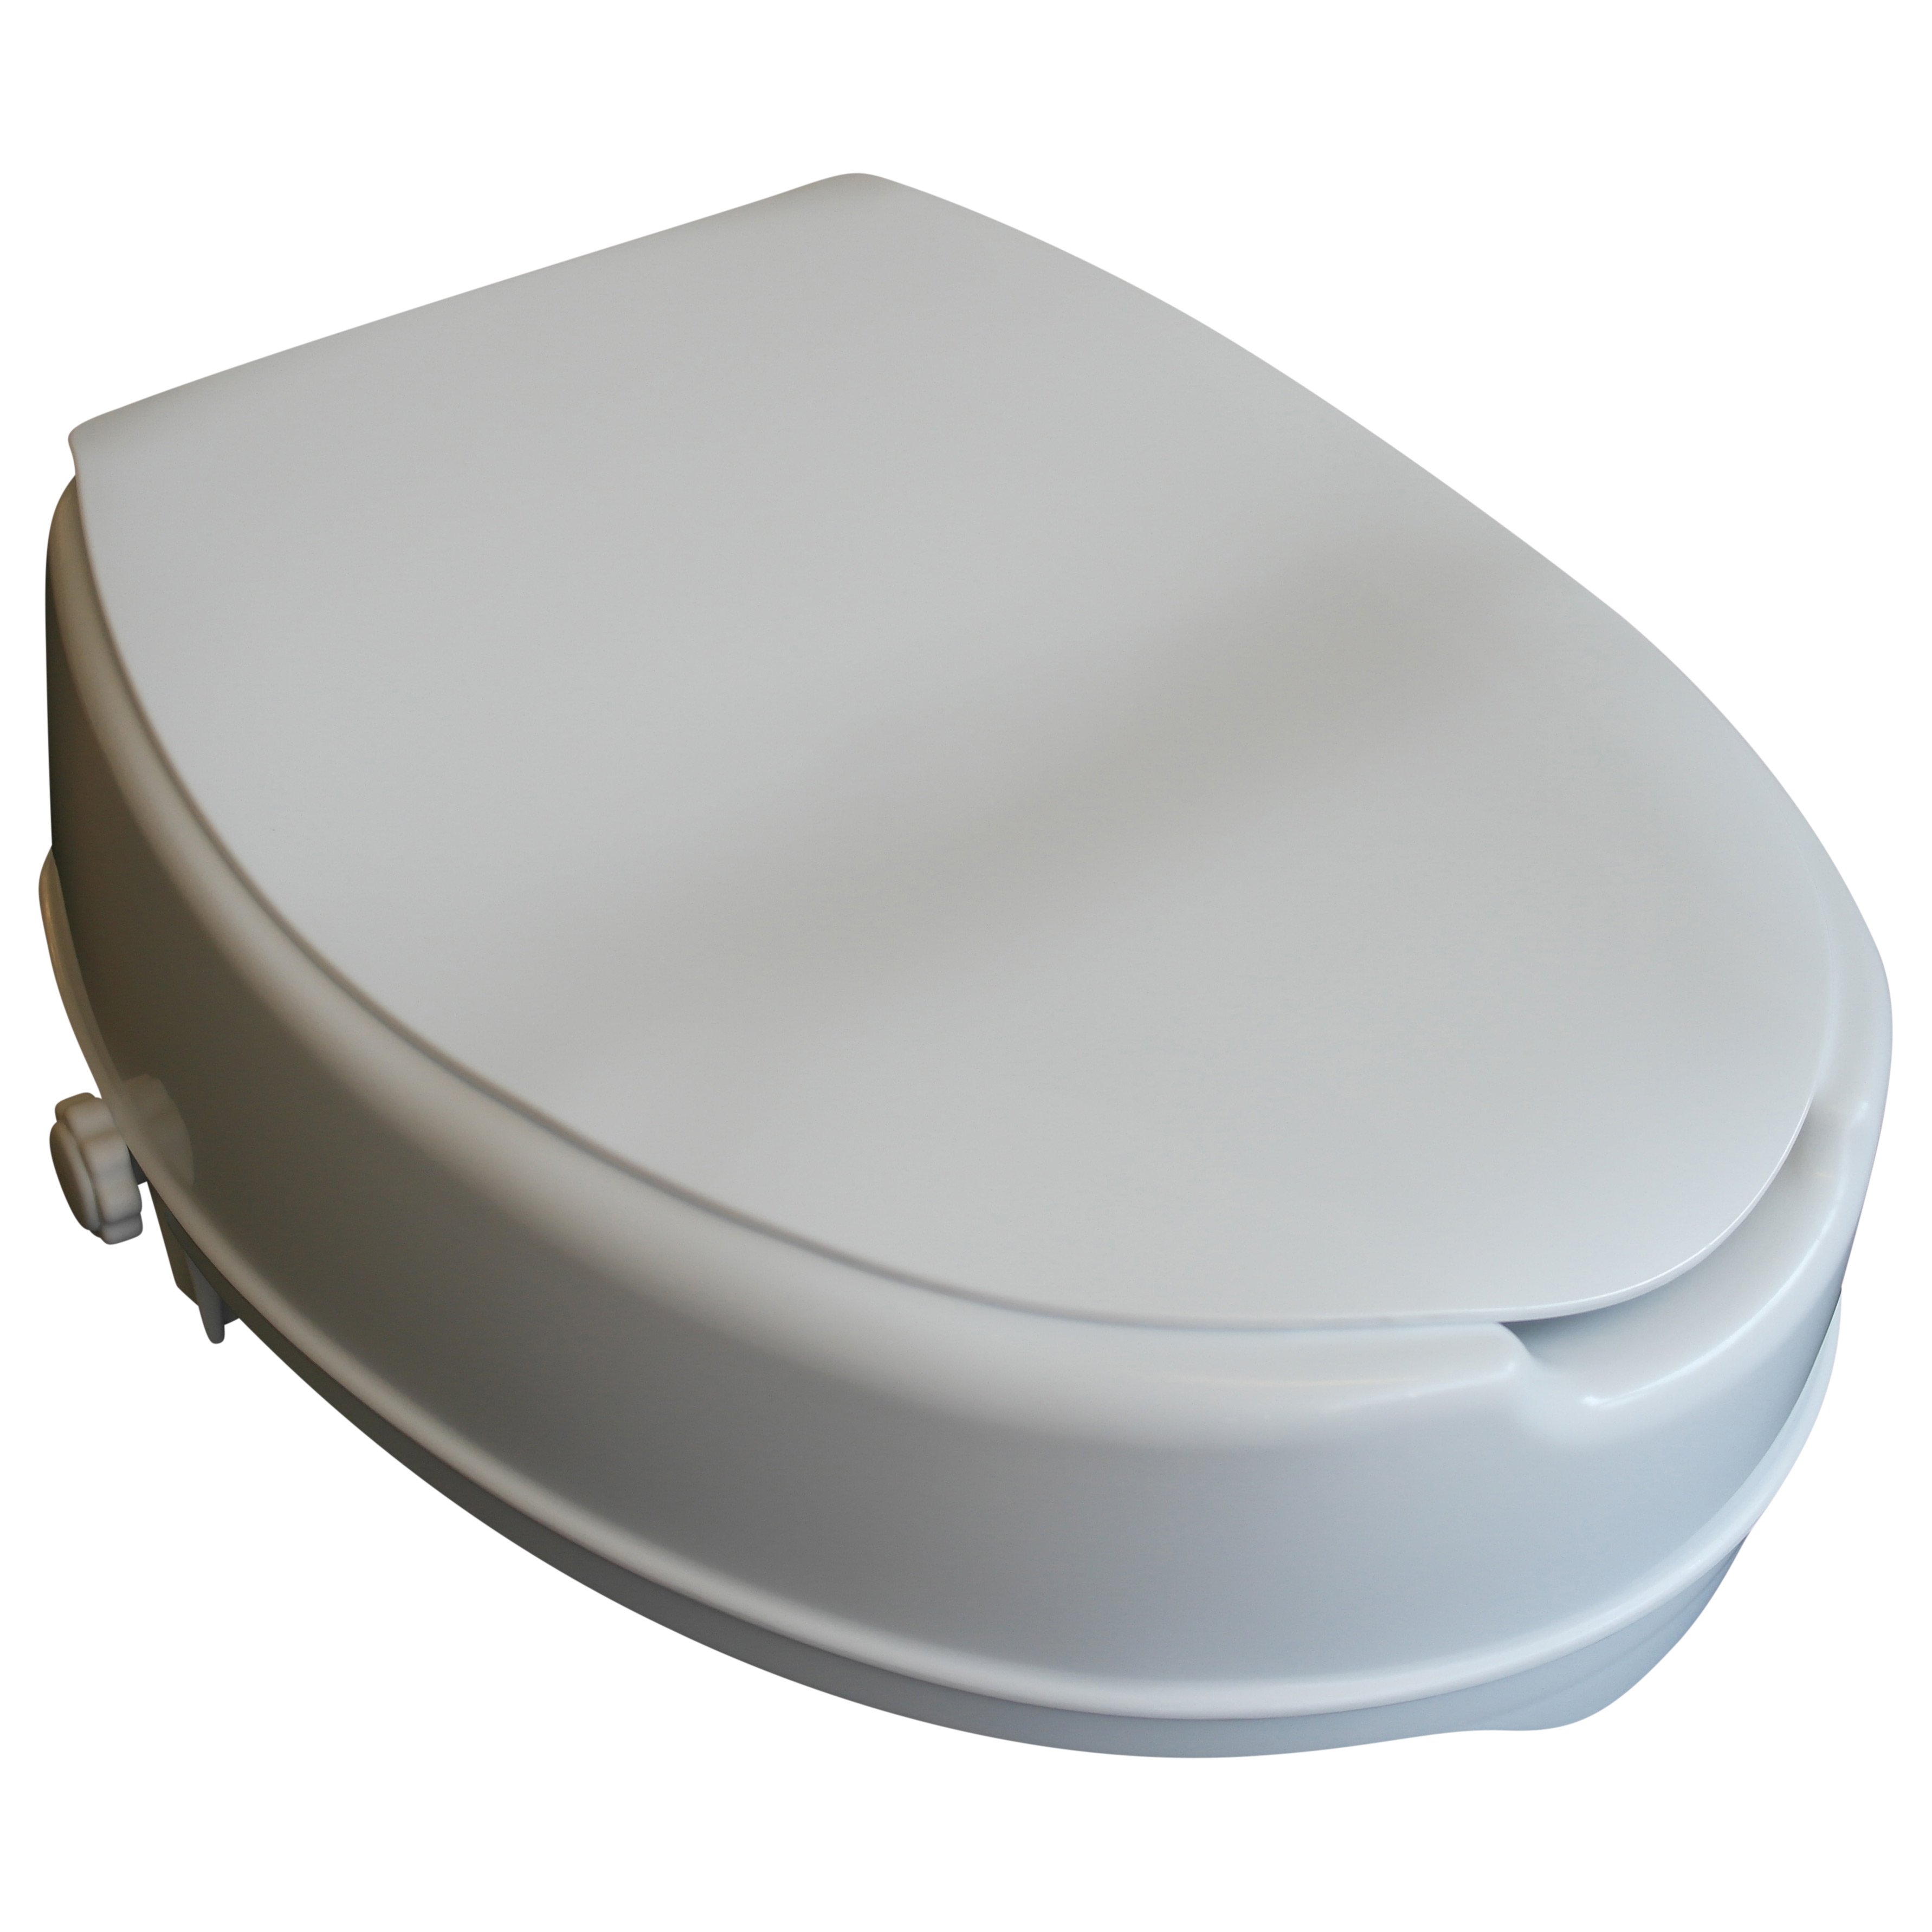 Toiletforhøjer med låg, fra 5 til 15 cm. – pris 259.00